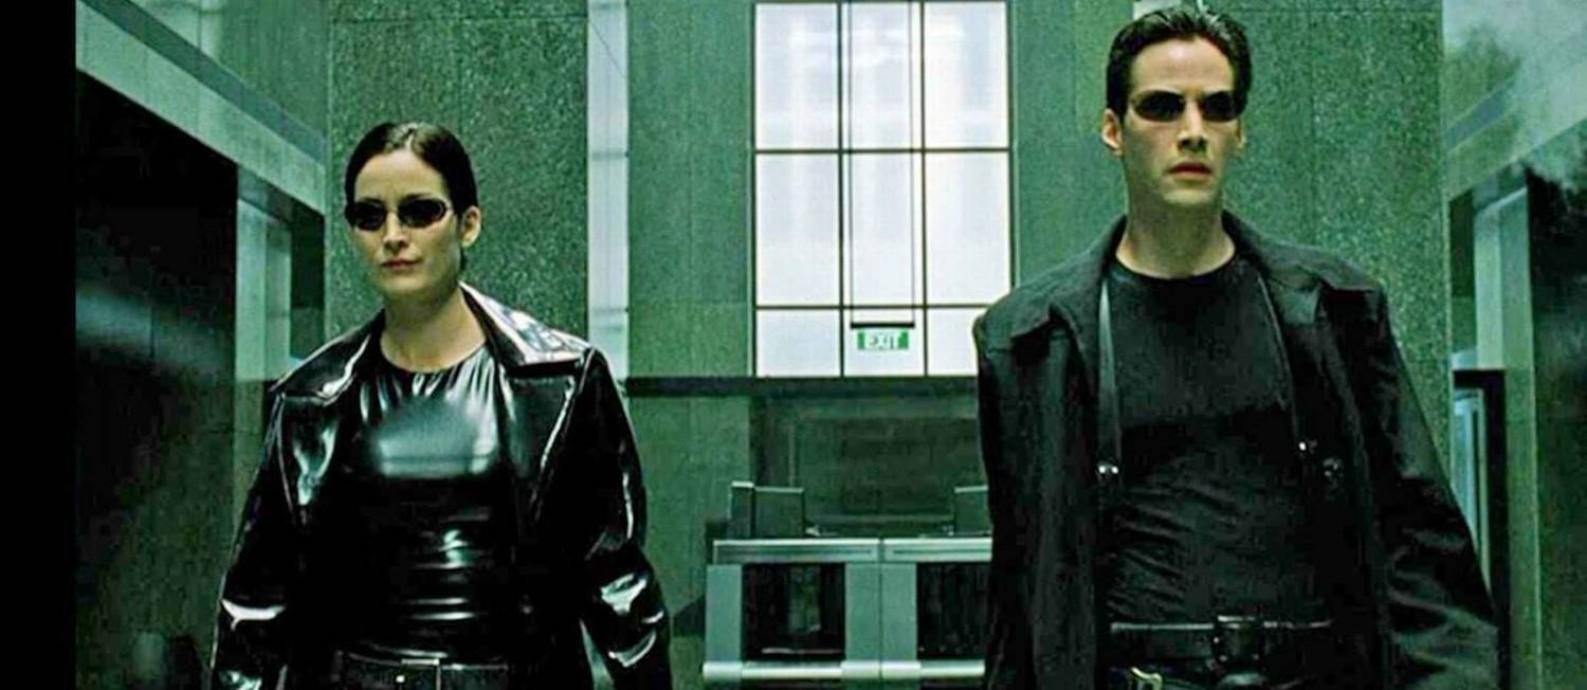 Sucesso no final dos anos 1990, 'Matrix' completa 20 anos e ganha reapresentações Foto: Divulgação